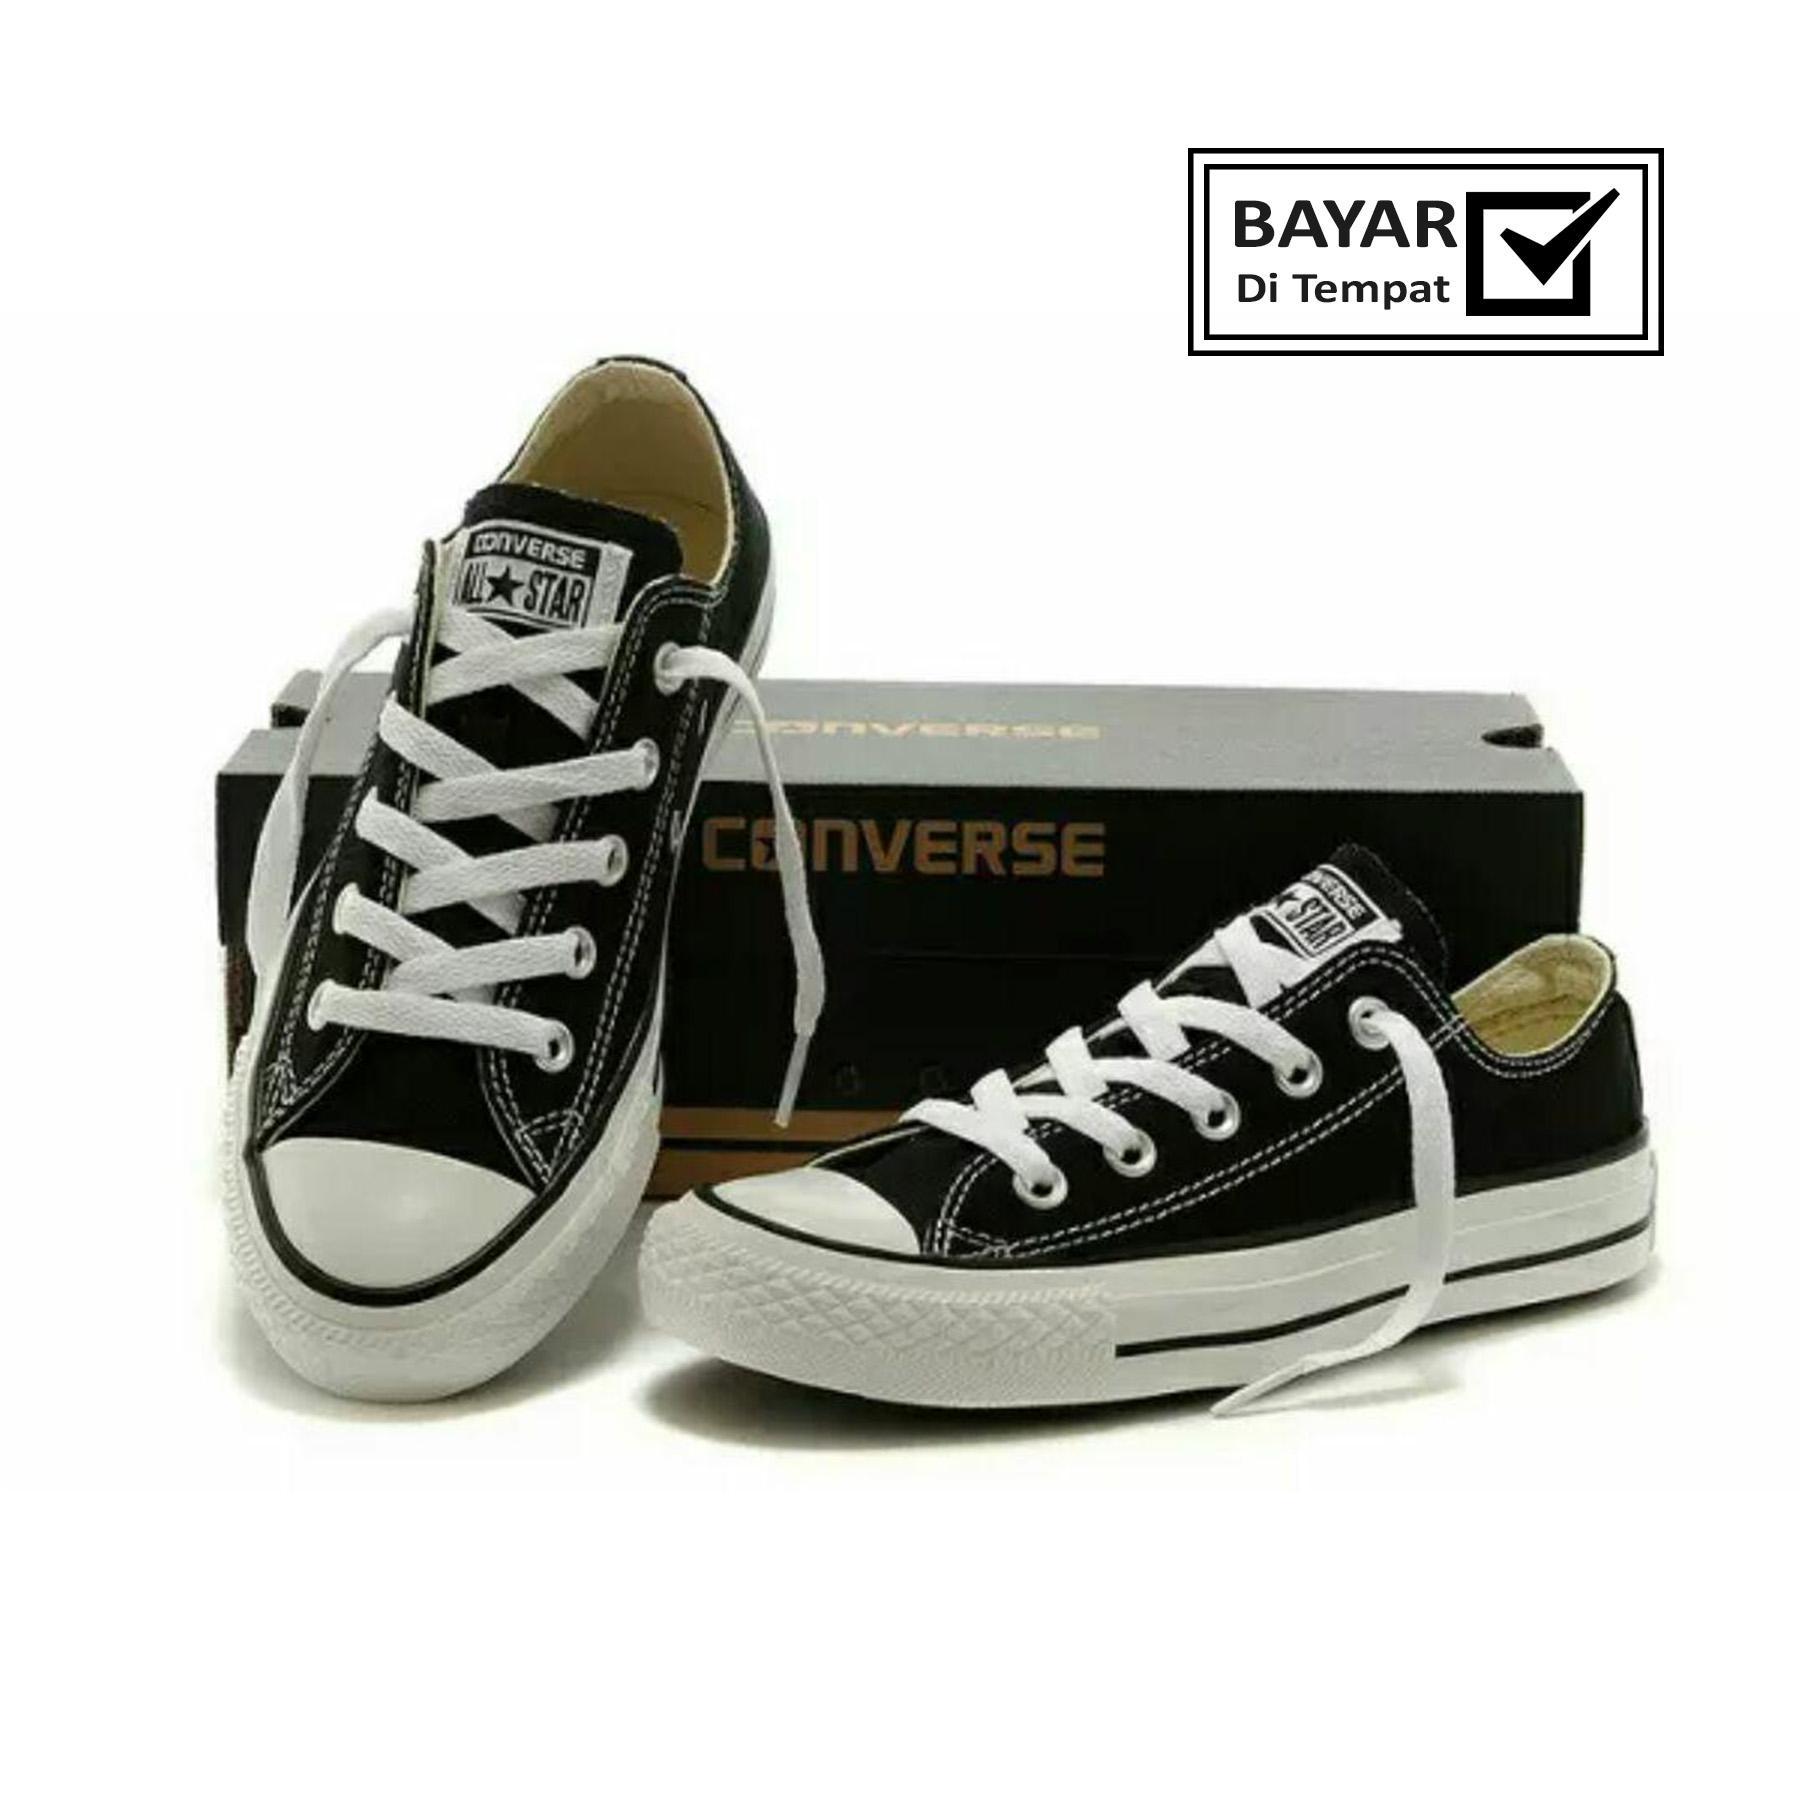 Sepatu Kets All Star Original Unisex Vietnam Sneakers Pria dan Wanita Rp60.000 9c8d04adfd